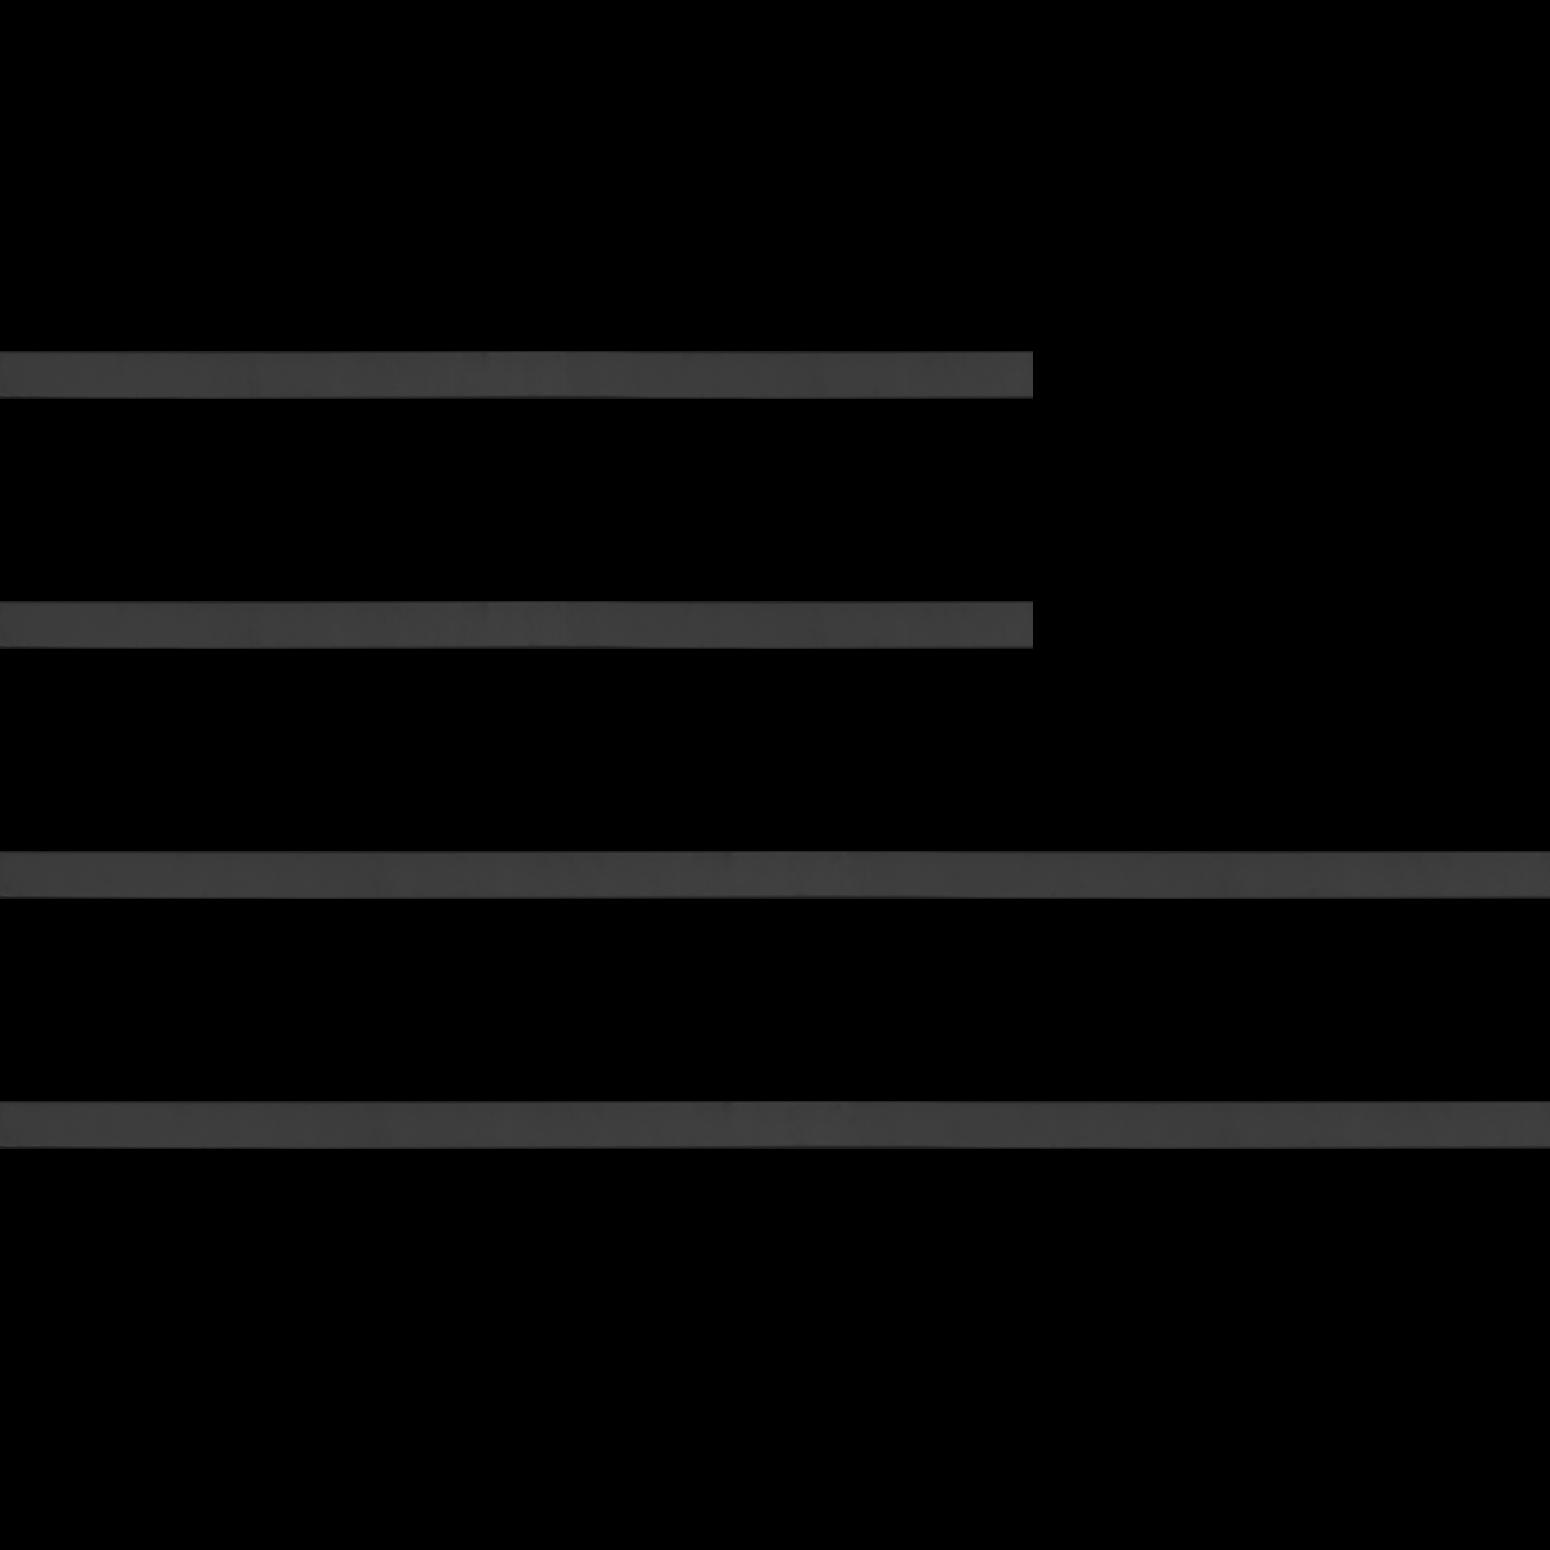 Baguette bois profil plat largeur 1.6cm couleur noir satiné